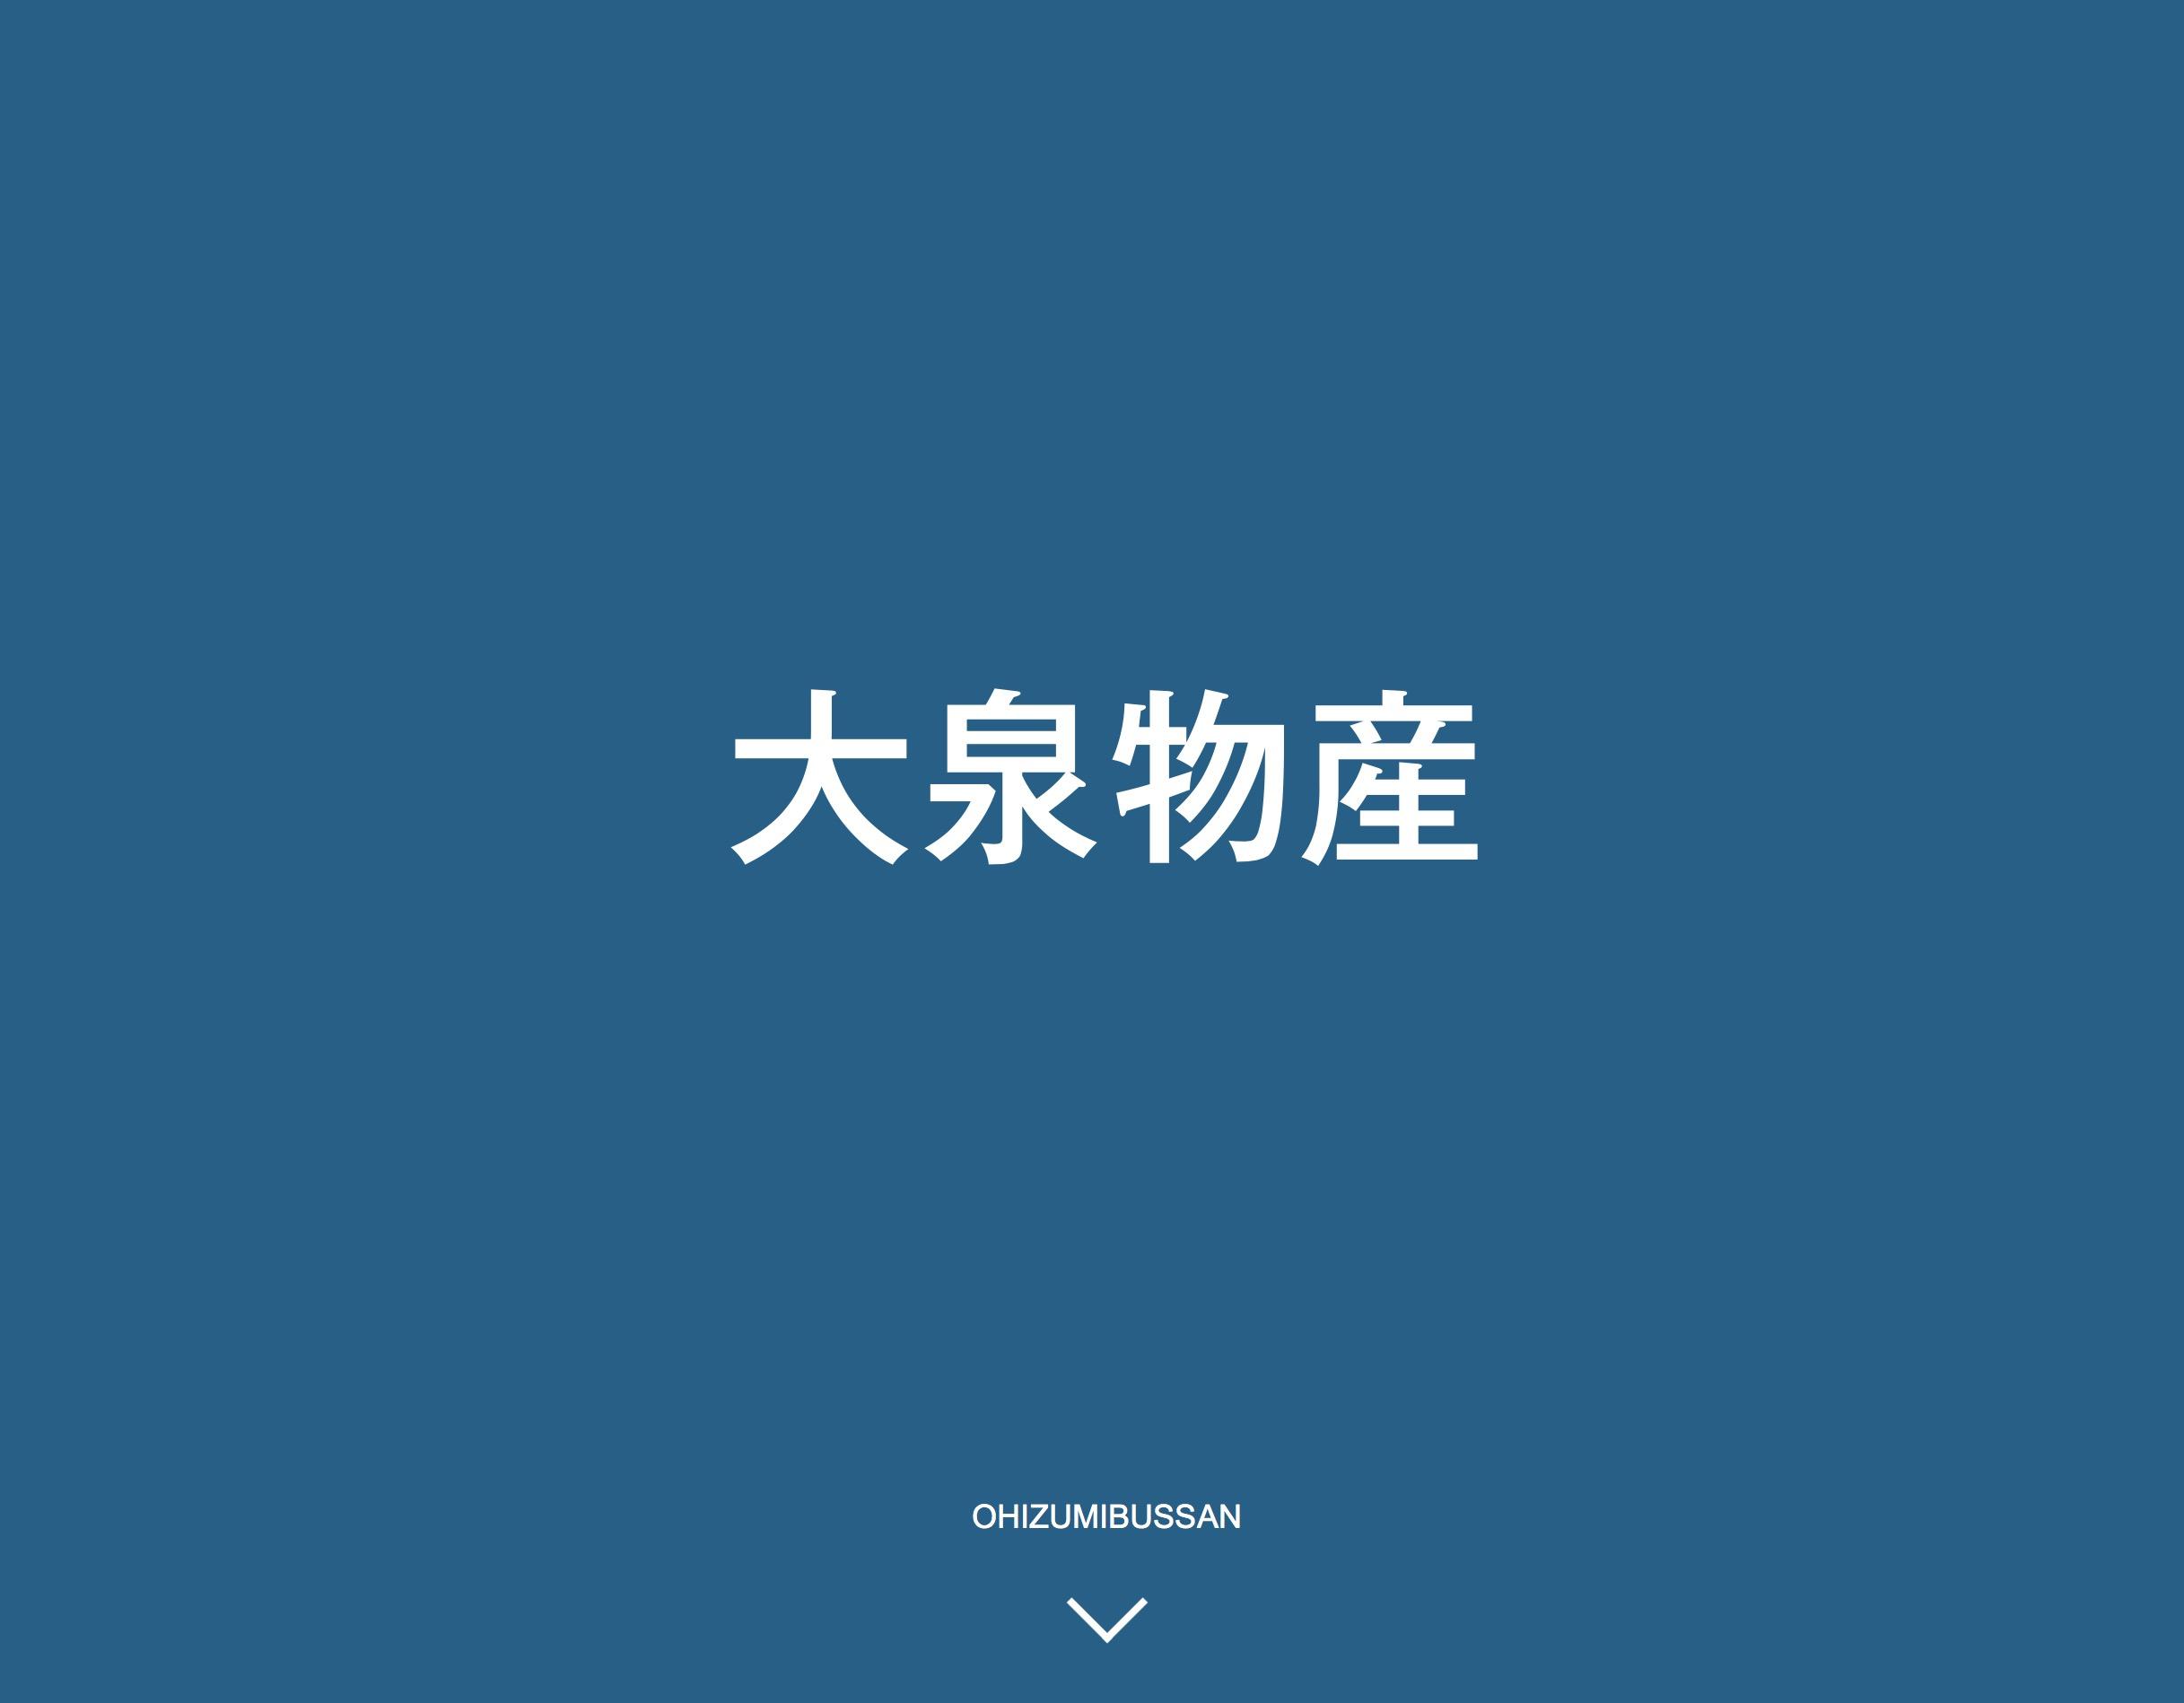 大泉物産イメージ